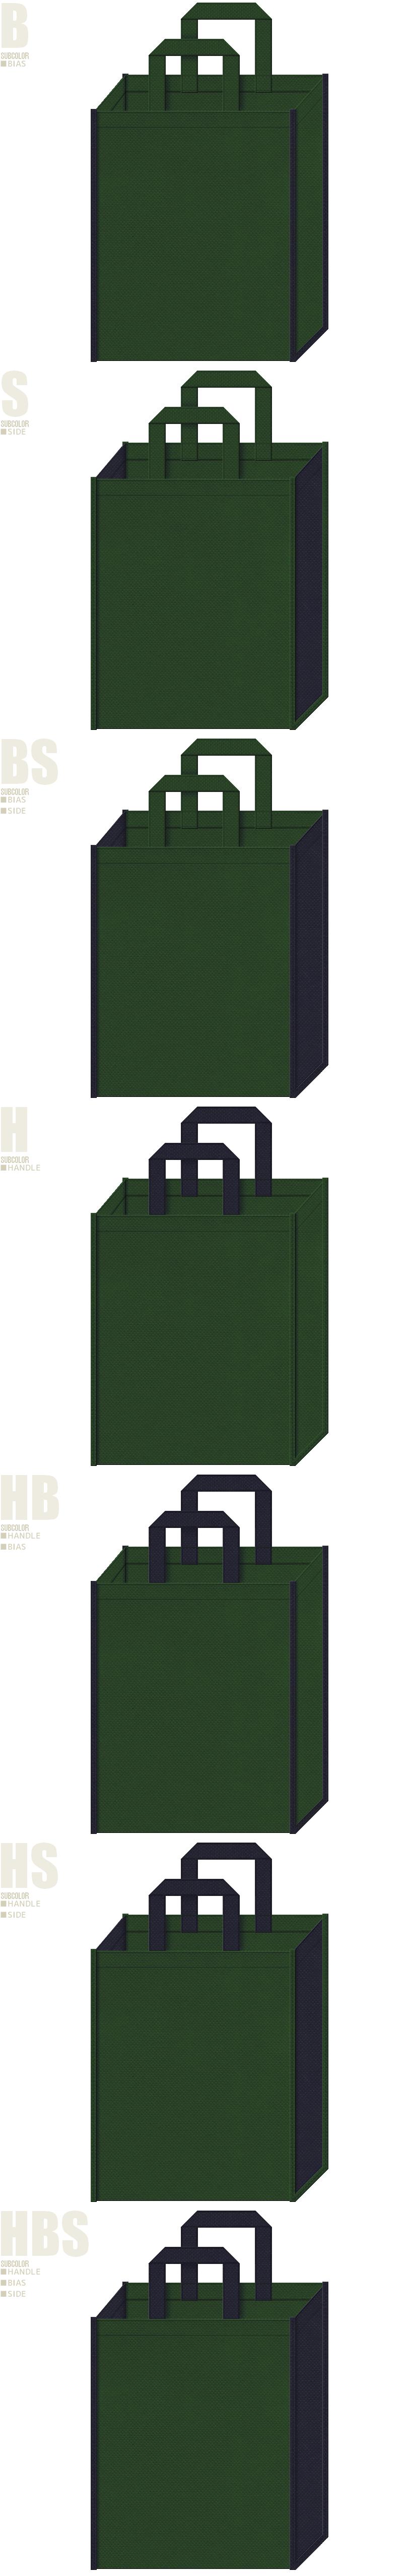 濃緑色と濃紺色、7パターンの不織布トートバッグ配色デザイン例。メンズ向け不織布バッグにお奨めの配色です。